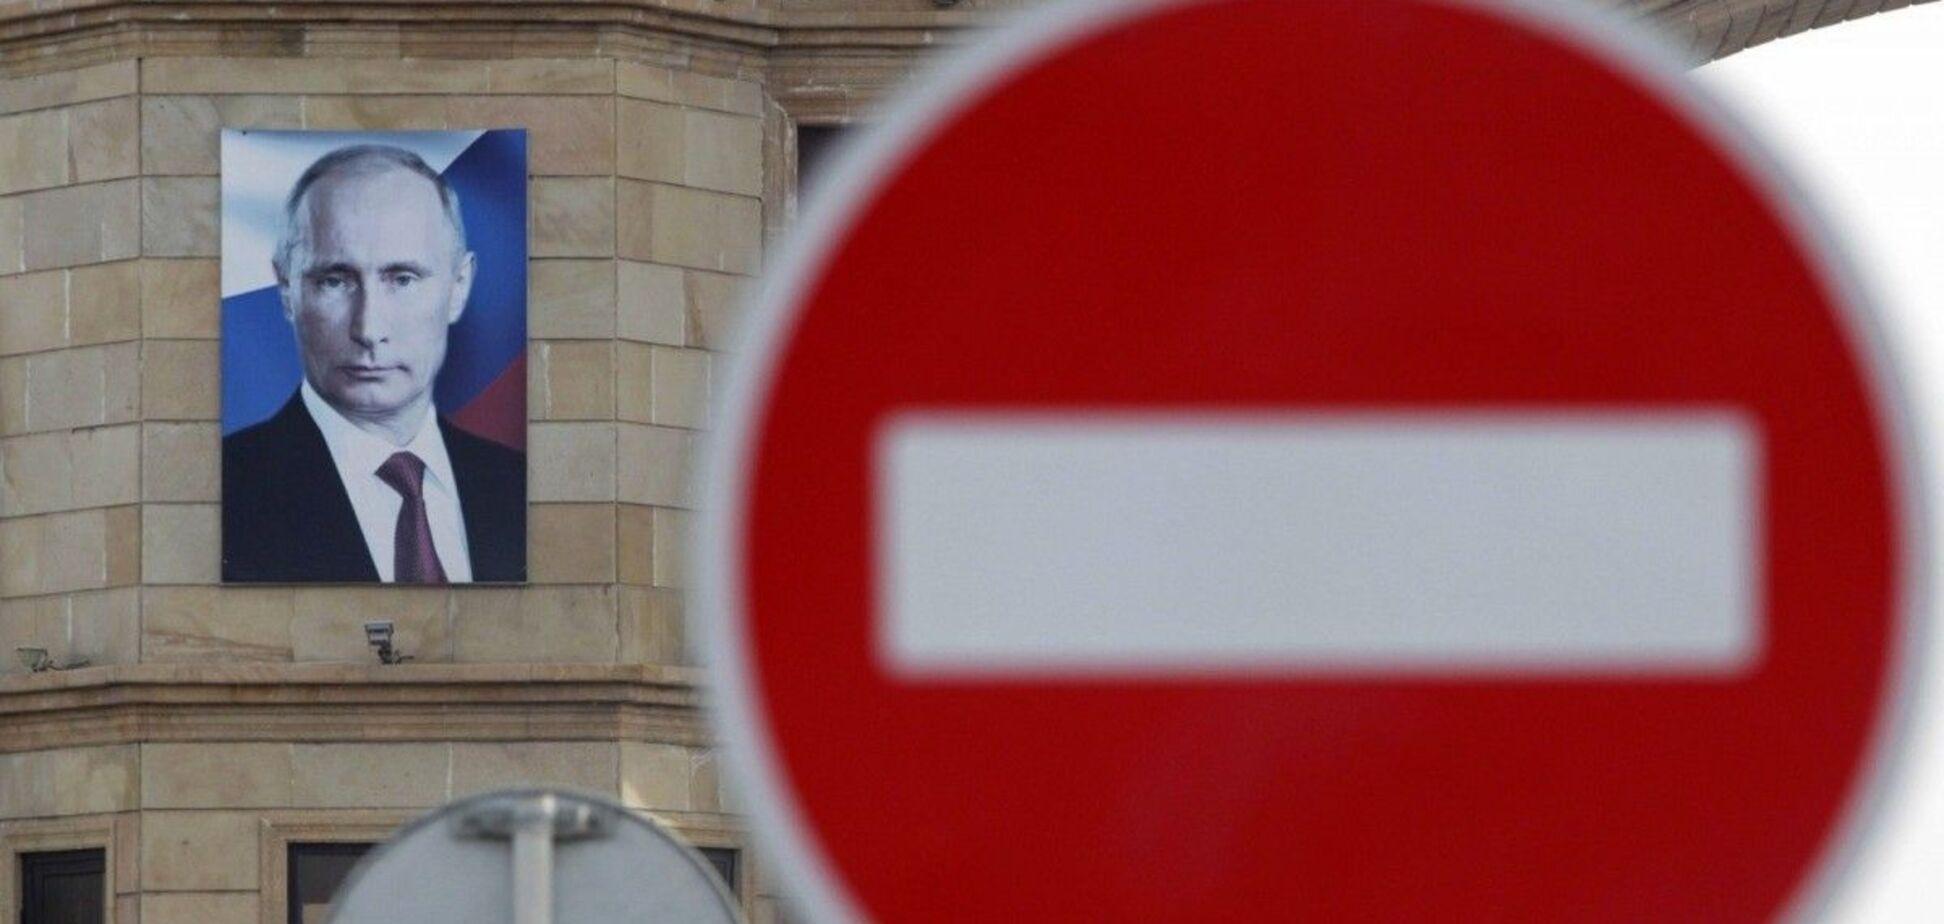 Контрсанкции с расчетом: российский бюджет понесет урон